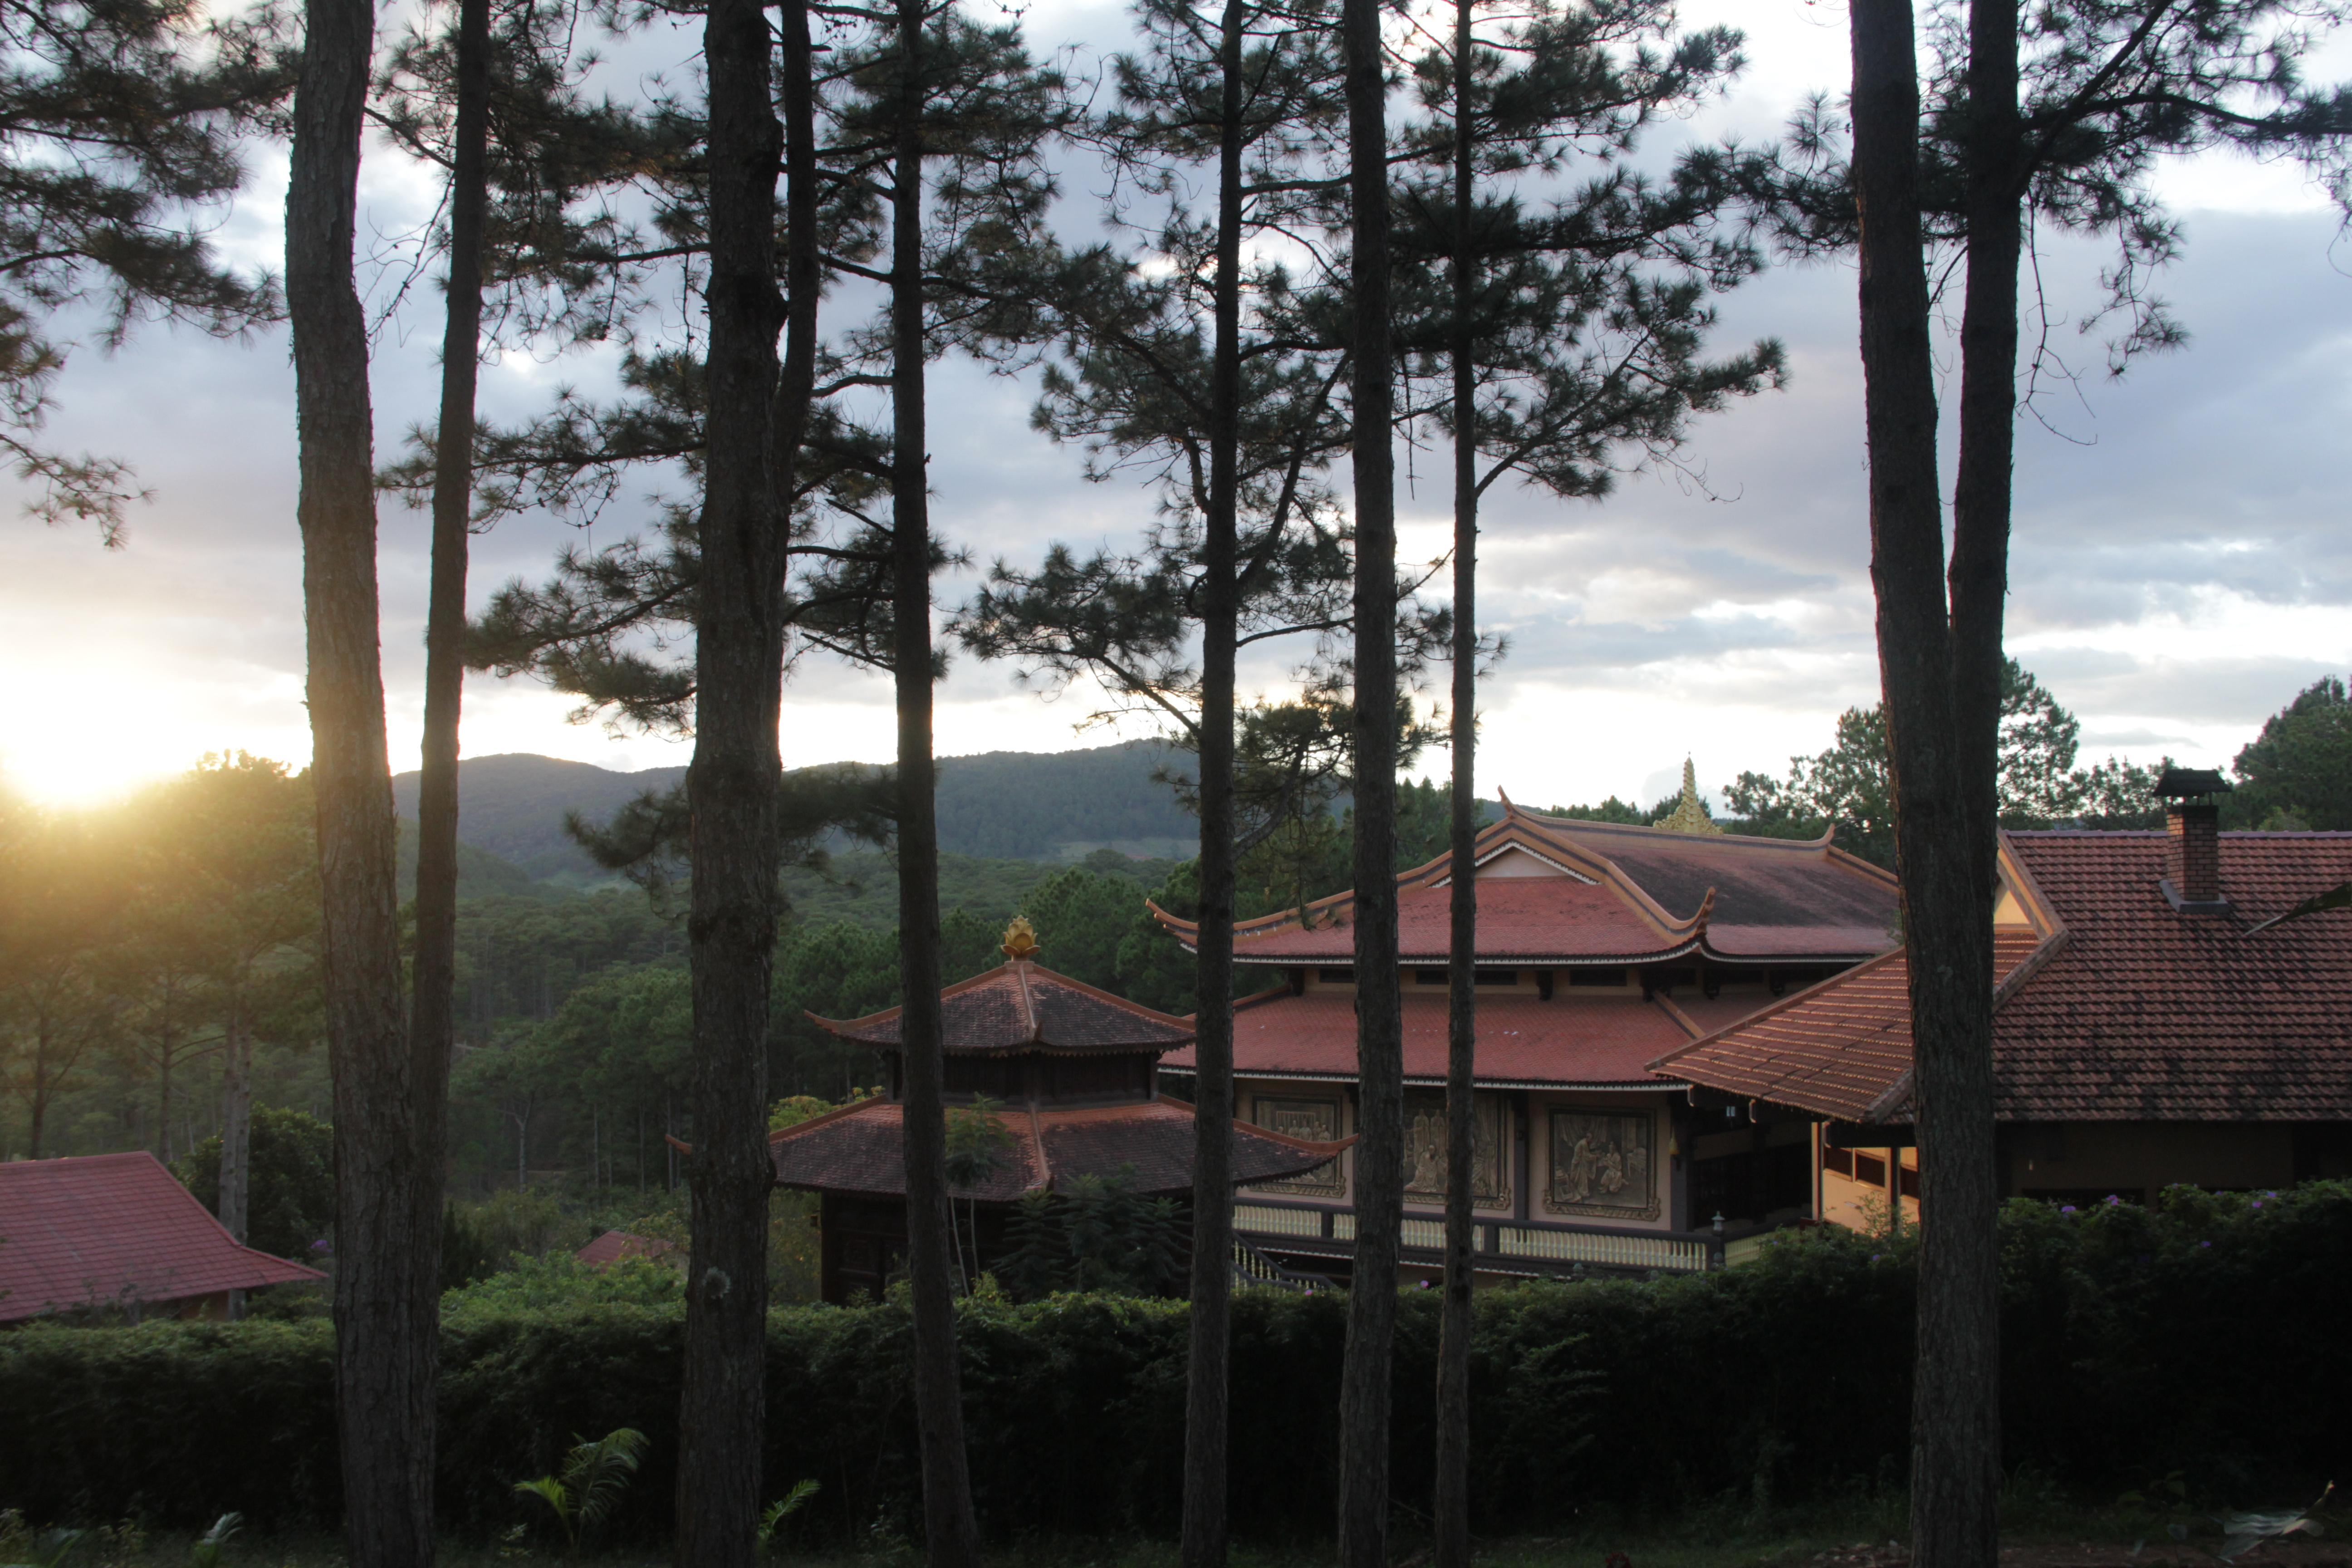 Le plus grand calme règne au pied de cette pagode (©Aurélie Bacheley).